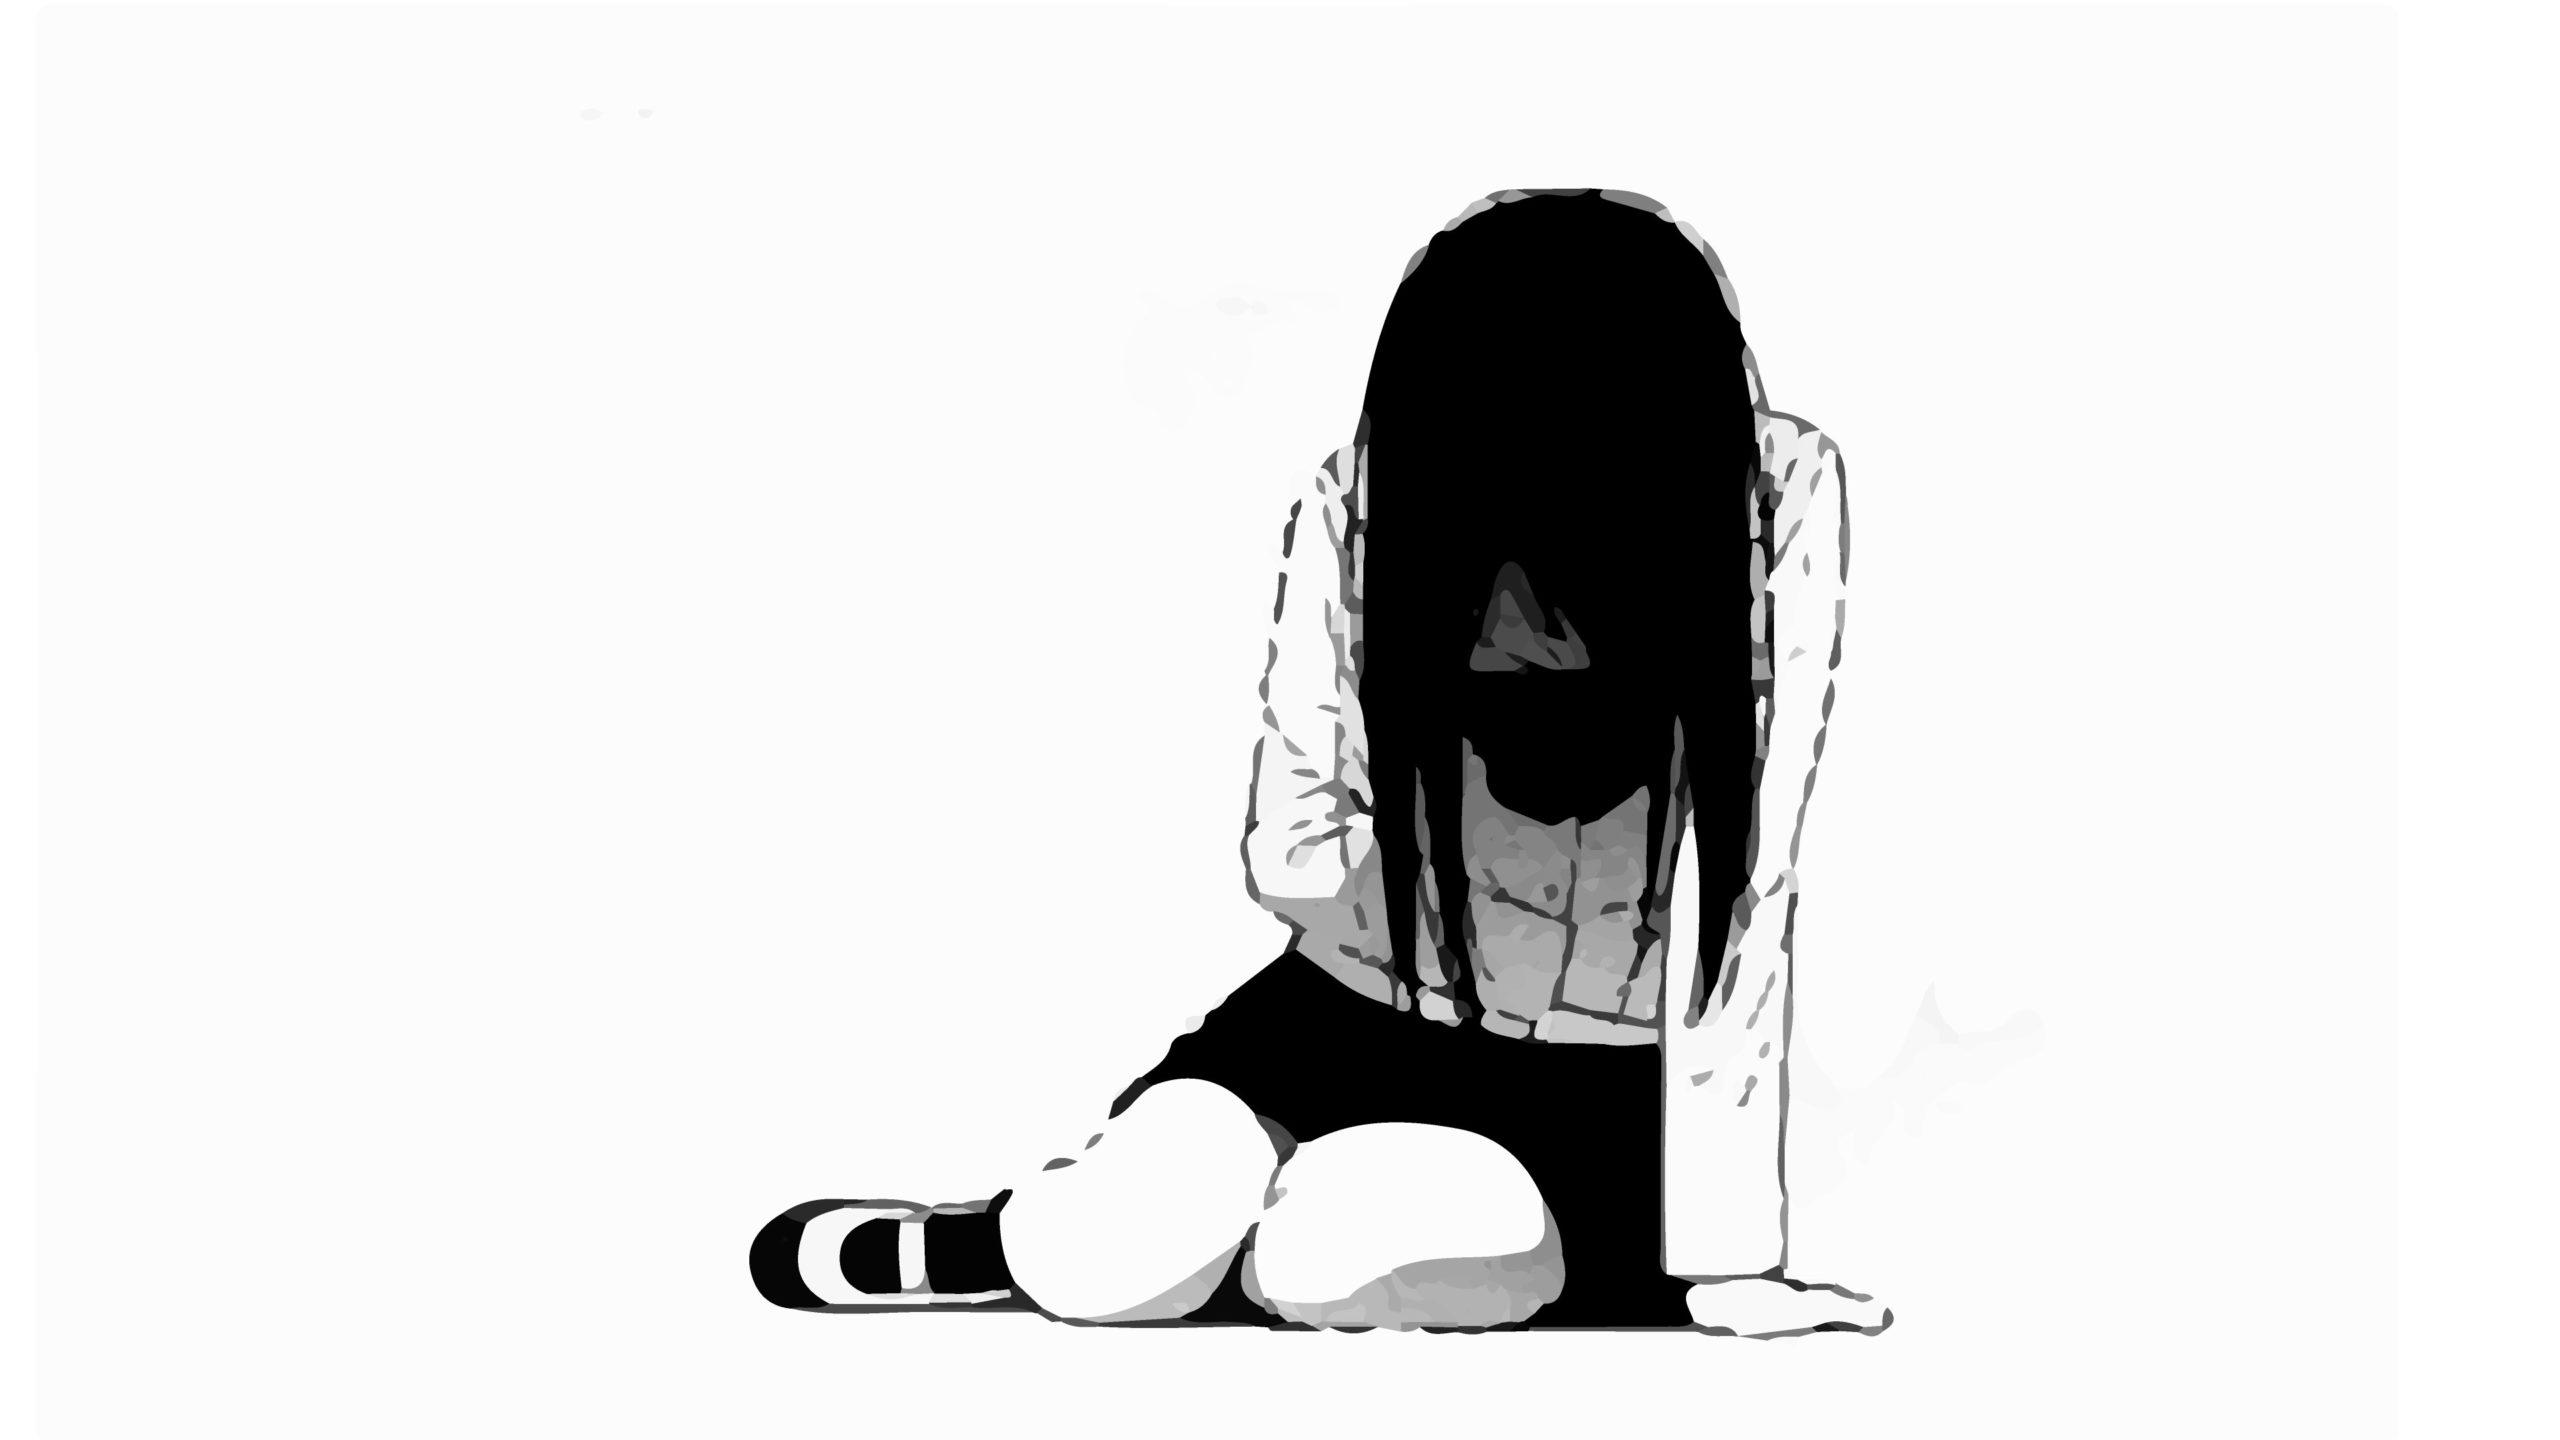 hình ảnh buồn cô đơn